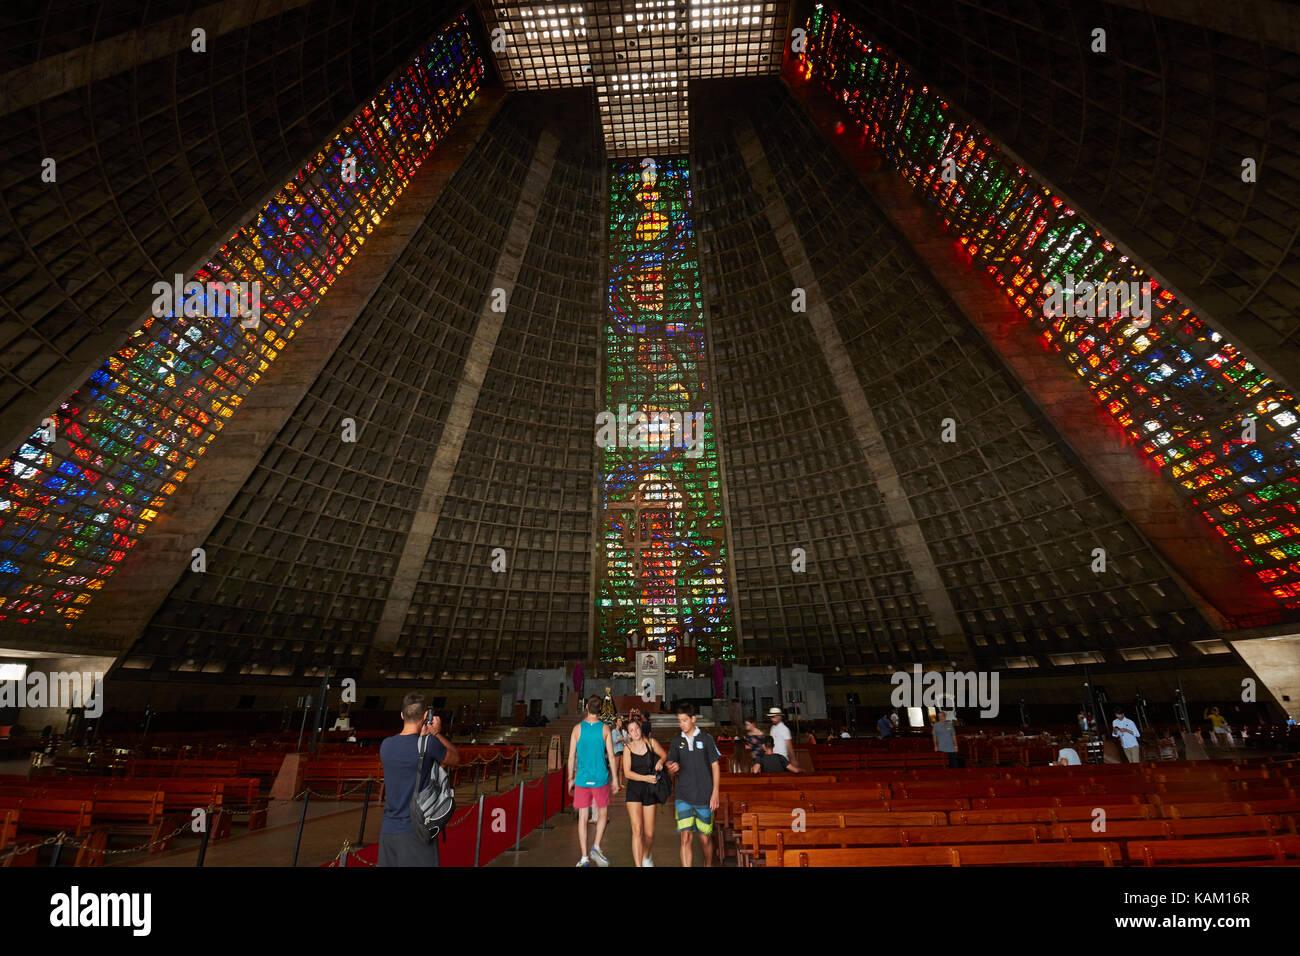 Stained-glass windows and interior of Catedral Metropolitana de São Sebastião, Centro, Rio de Janeiro, - Stock Image